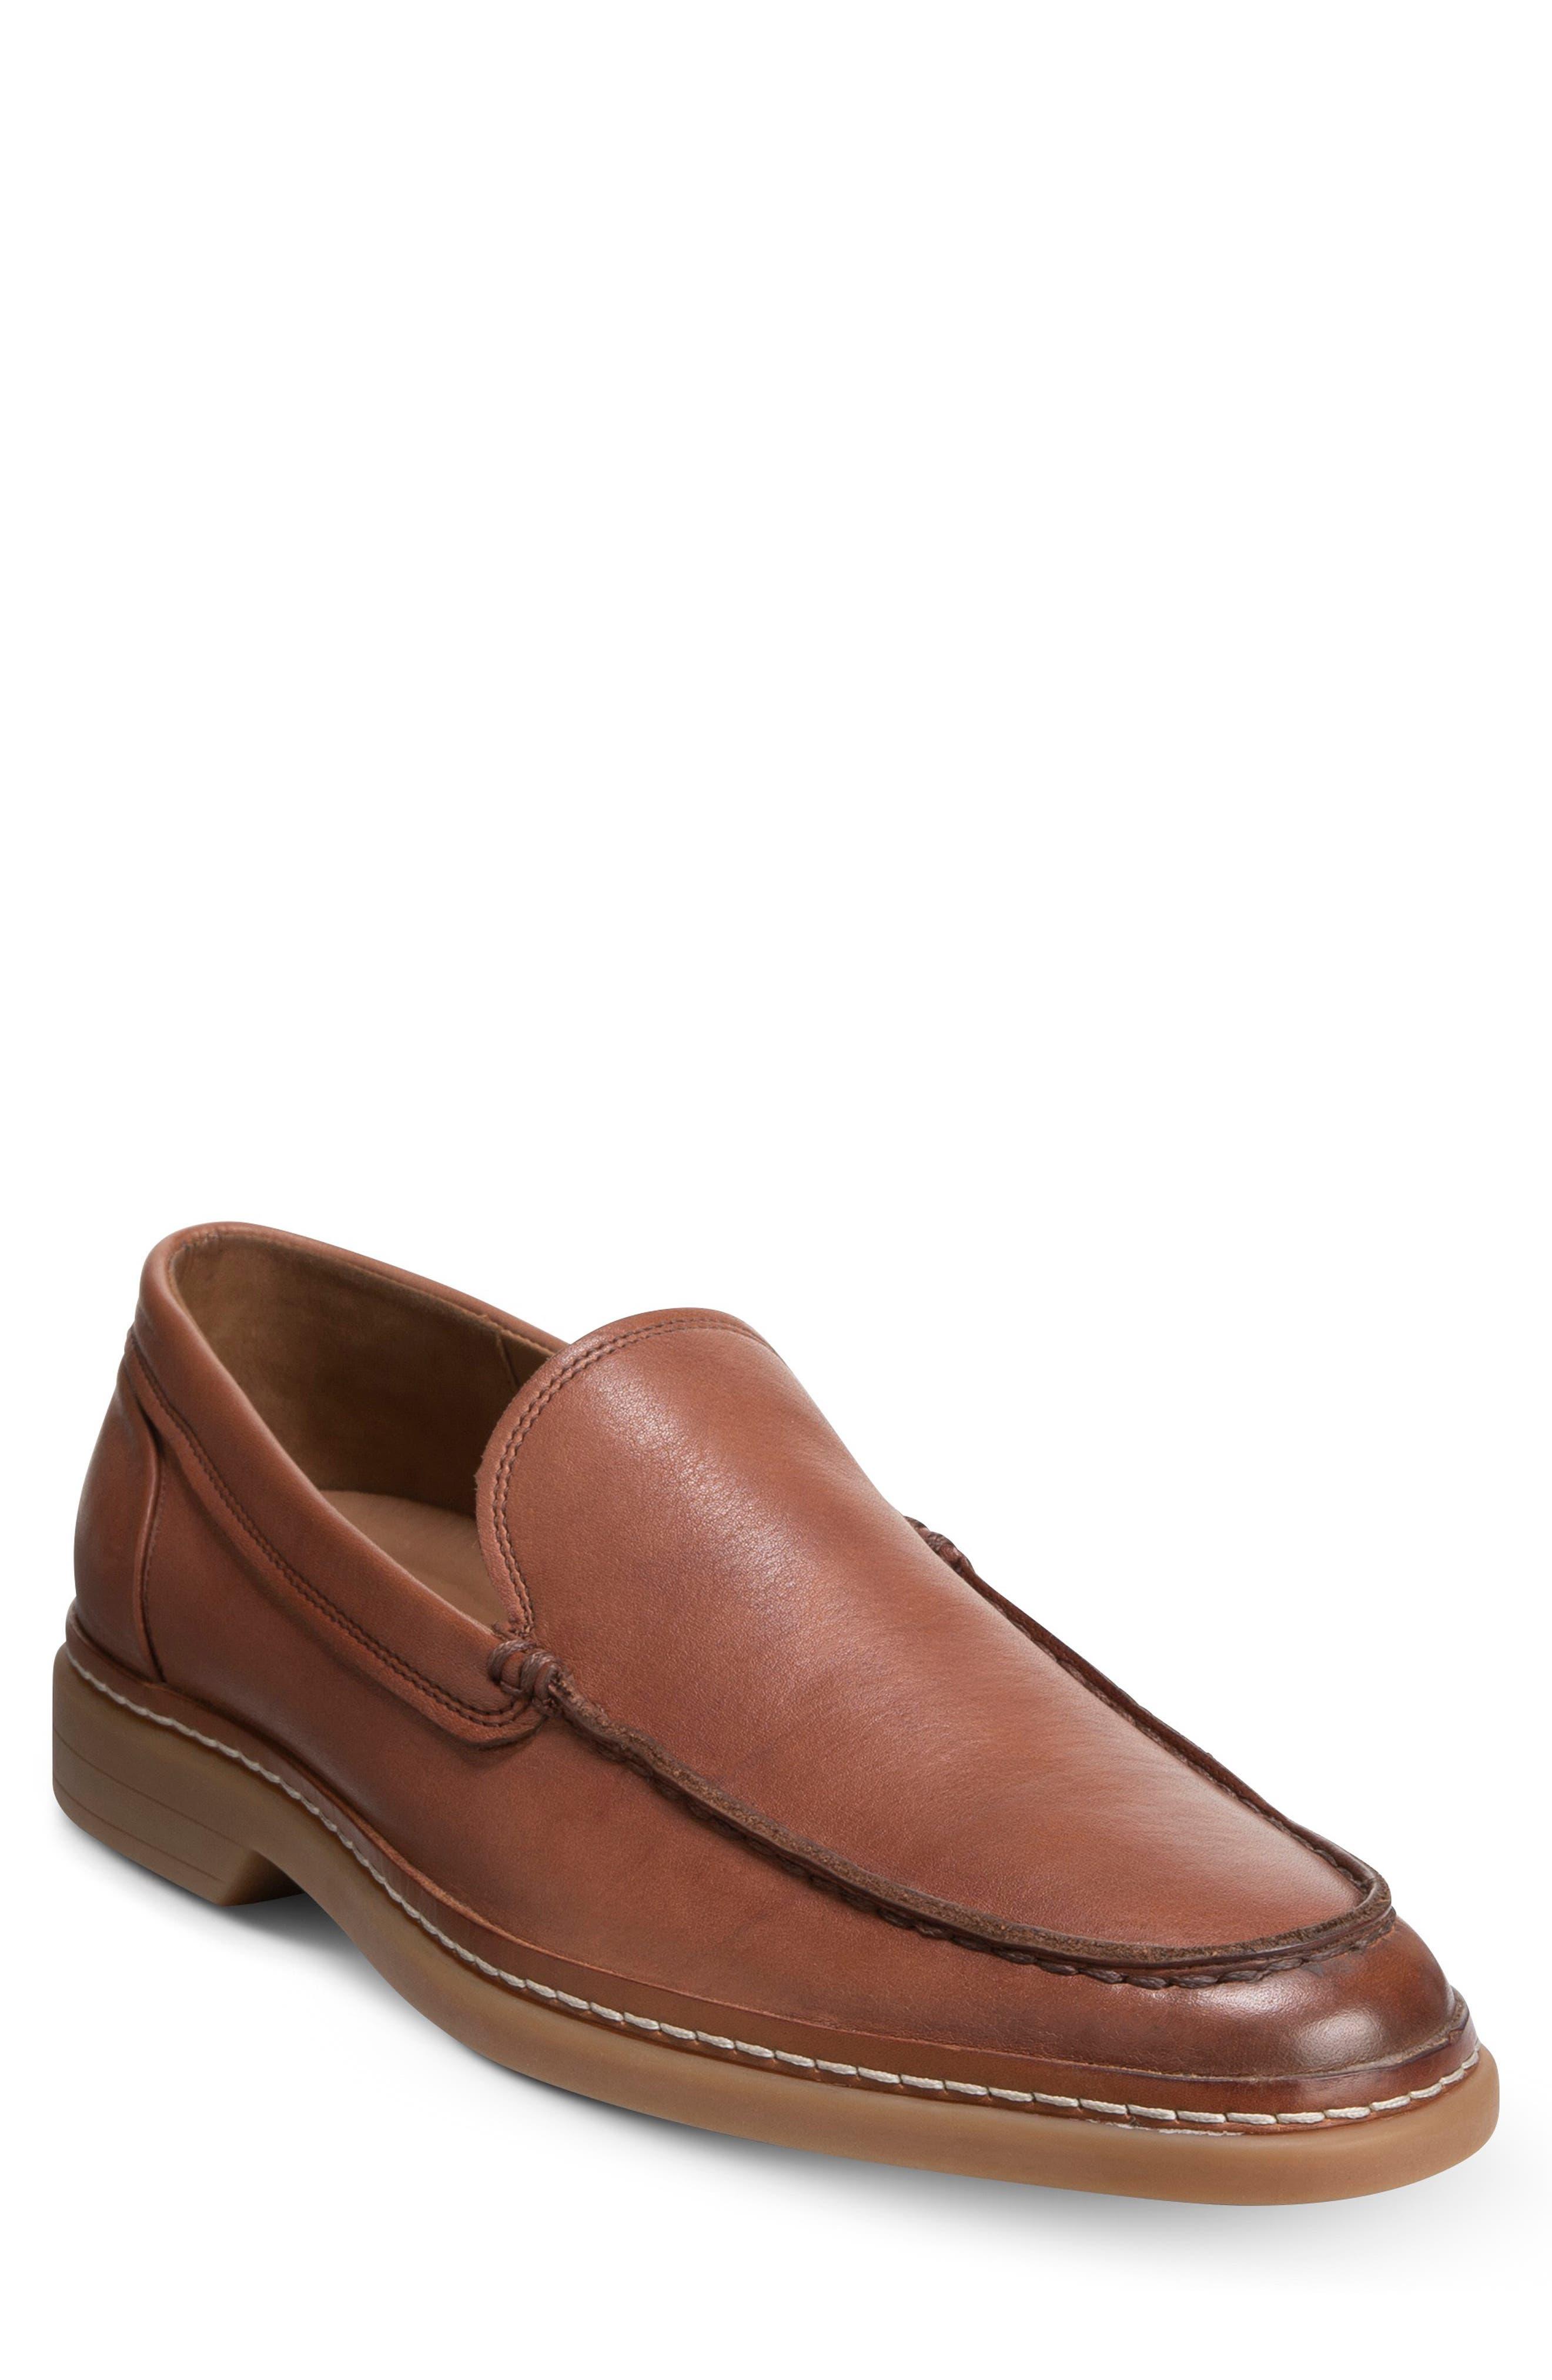 Wilder Loafer